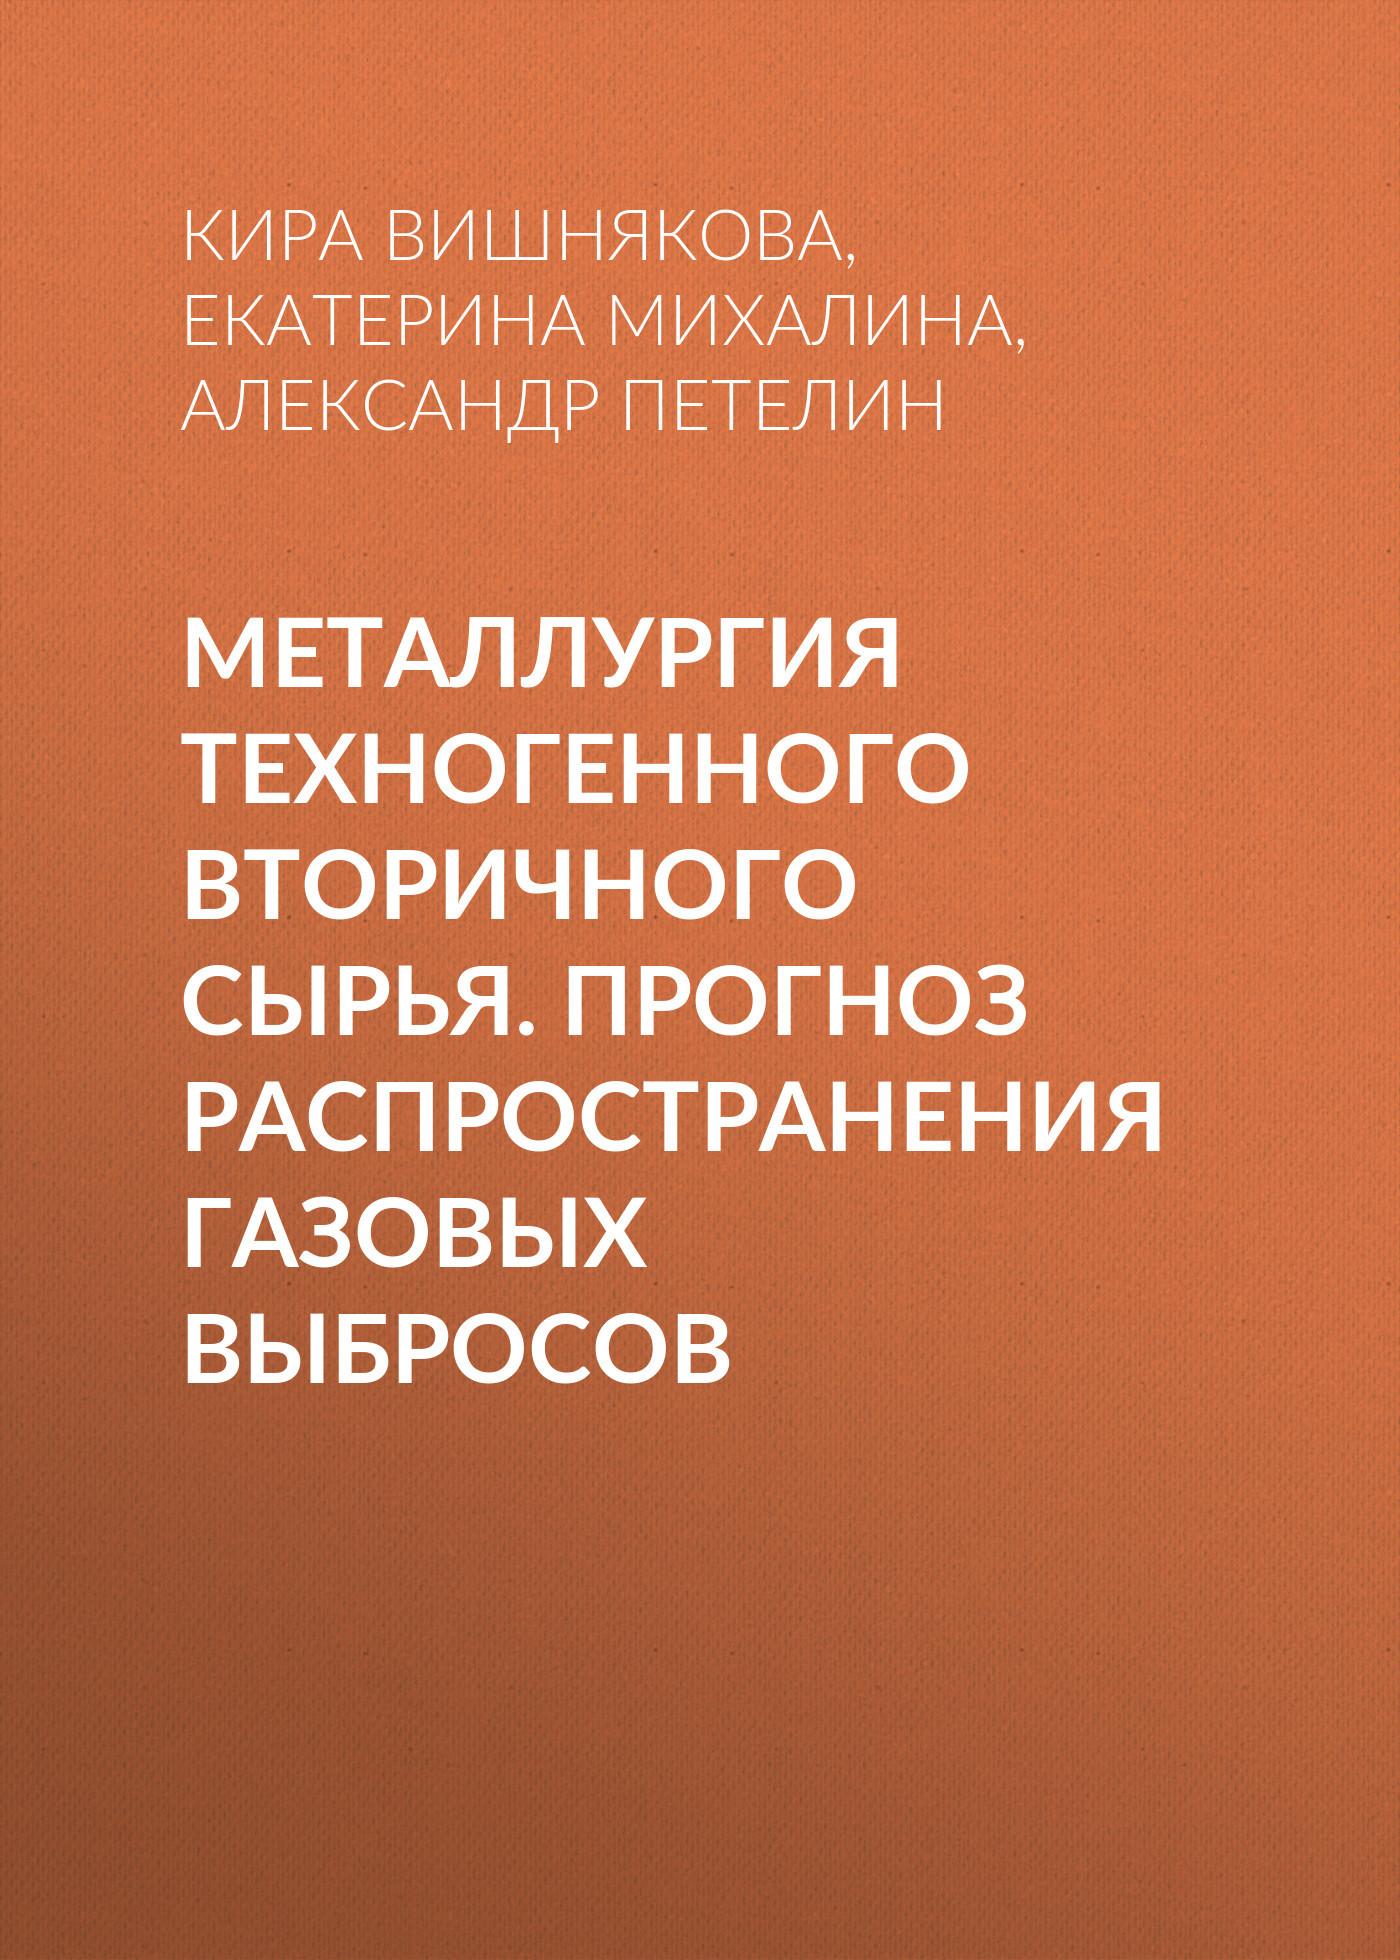 Александр Петелин Металлургия техногенного вторичного сырья. Прогноз распространения газовых выбросов